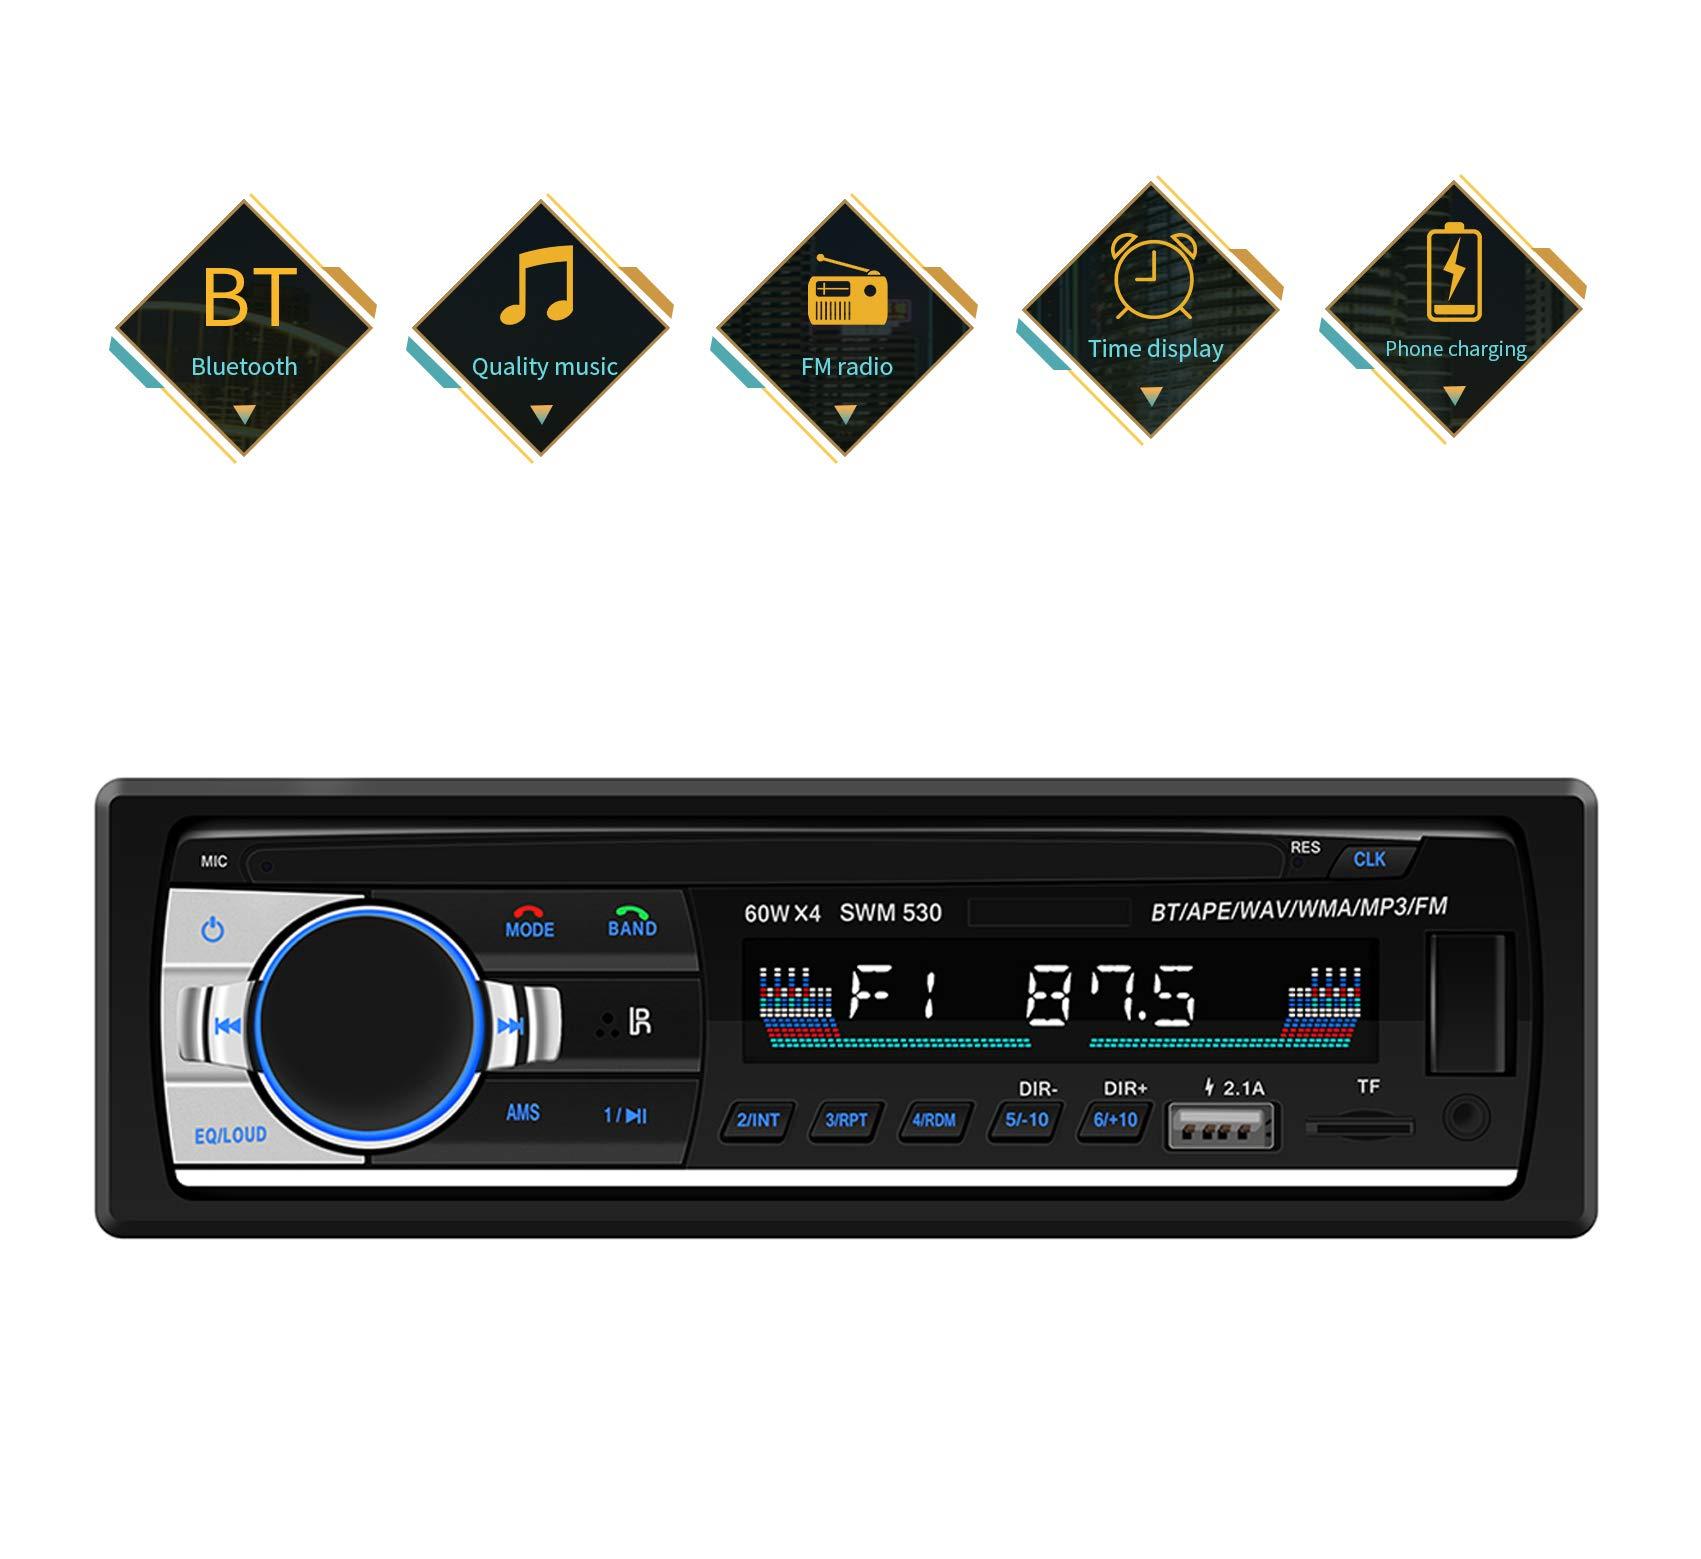 Autoradio-mit-Bluetooth-Freisprecheinrichtung-Auto-Radio-mit-Bluetooth-und-USB2AUXTFFMMP3-Player-Radio-1-DIN-Anschluss-Stereo-FM-Radio-mit-Fernbedienung